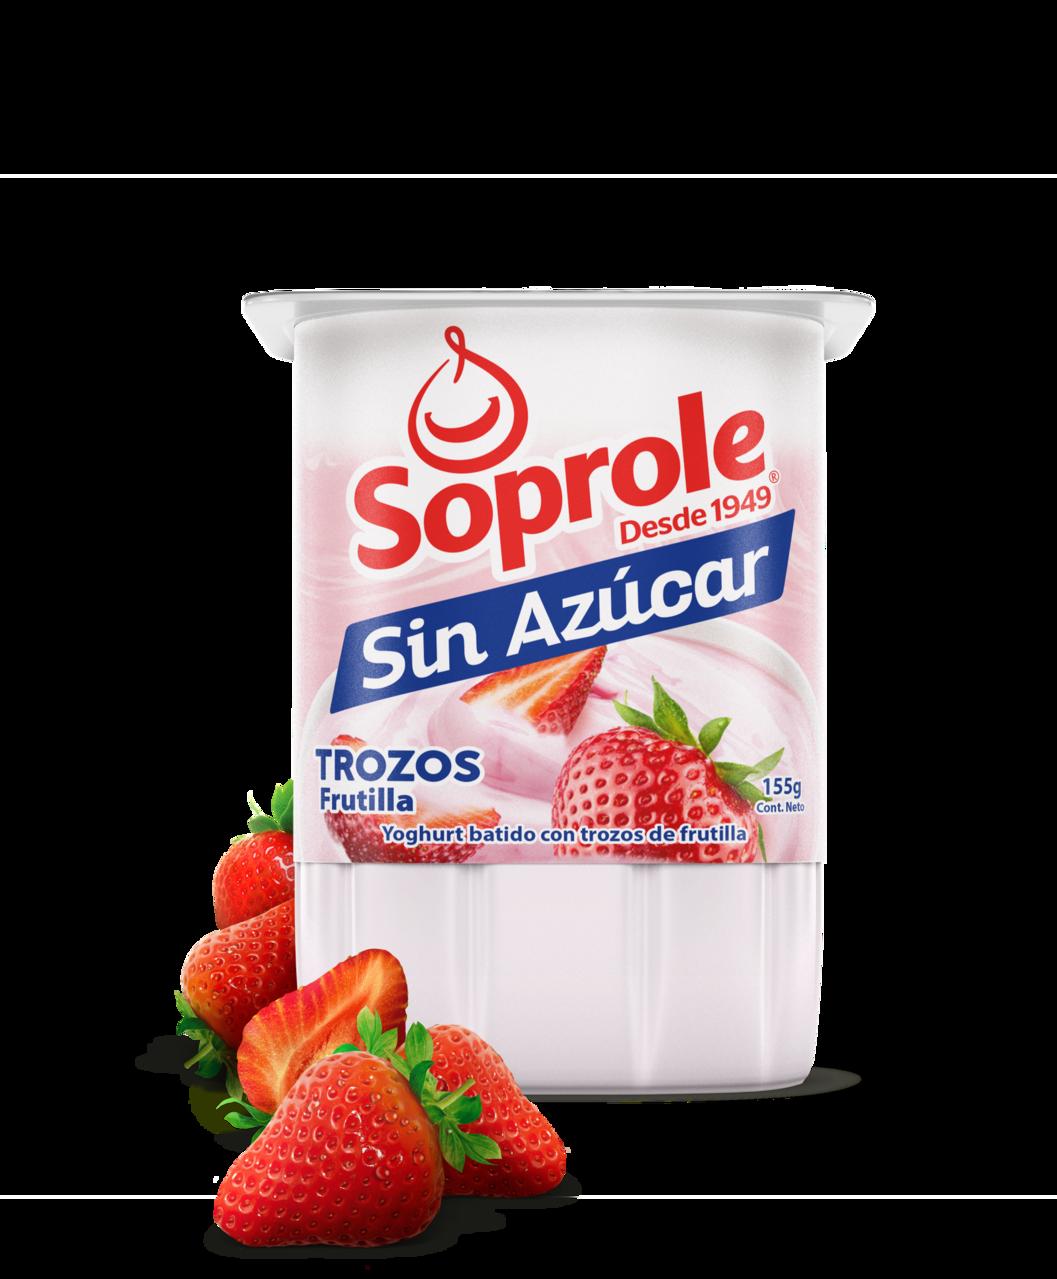 Soprole Yoghurt sin azúcar trozos frutilla 155